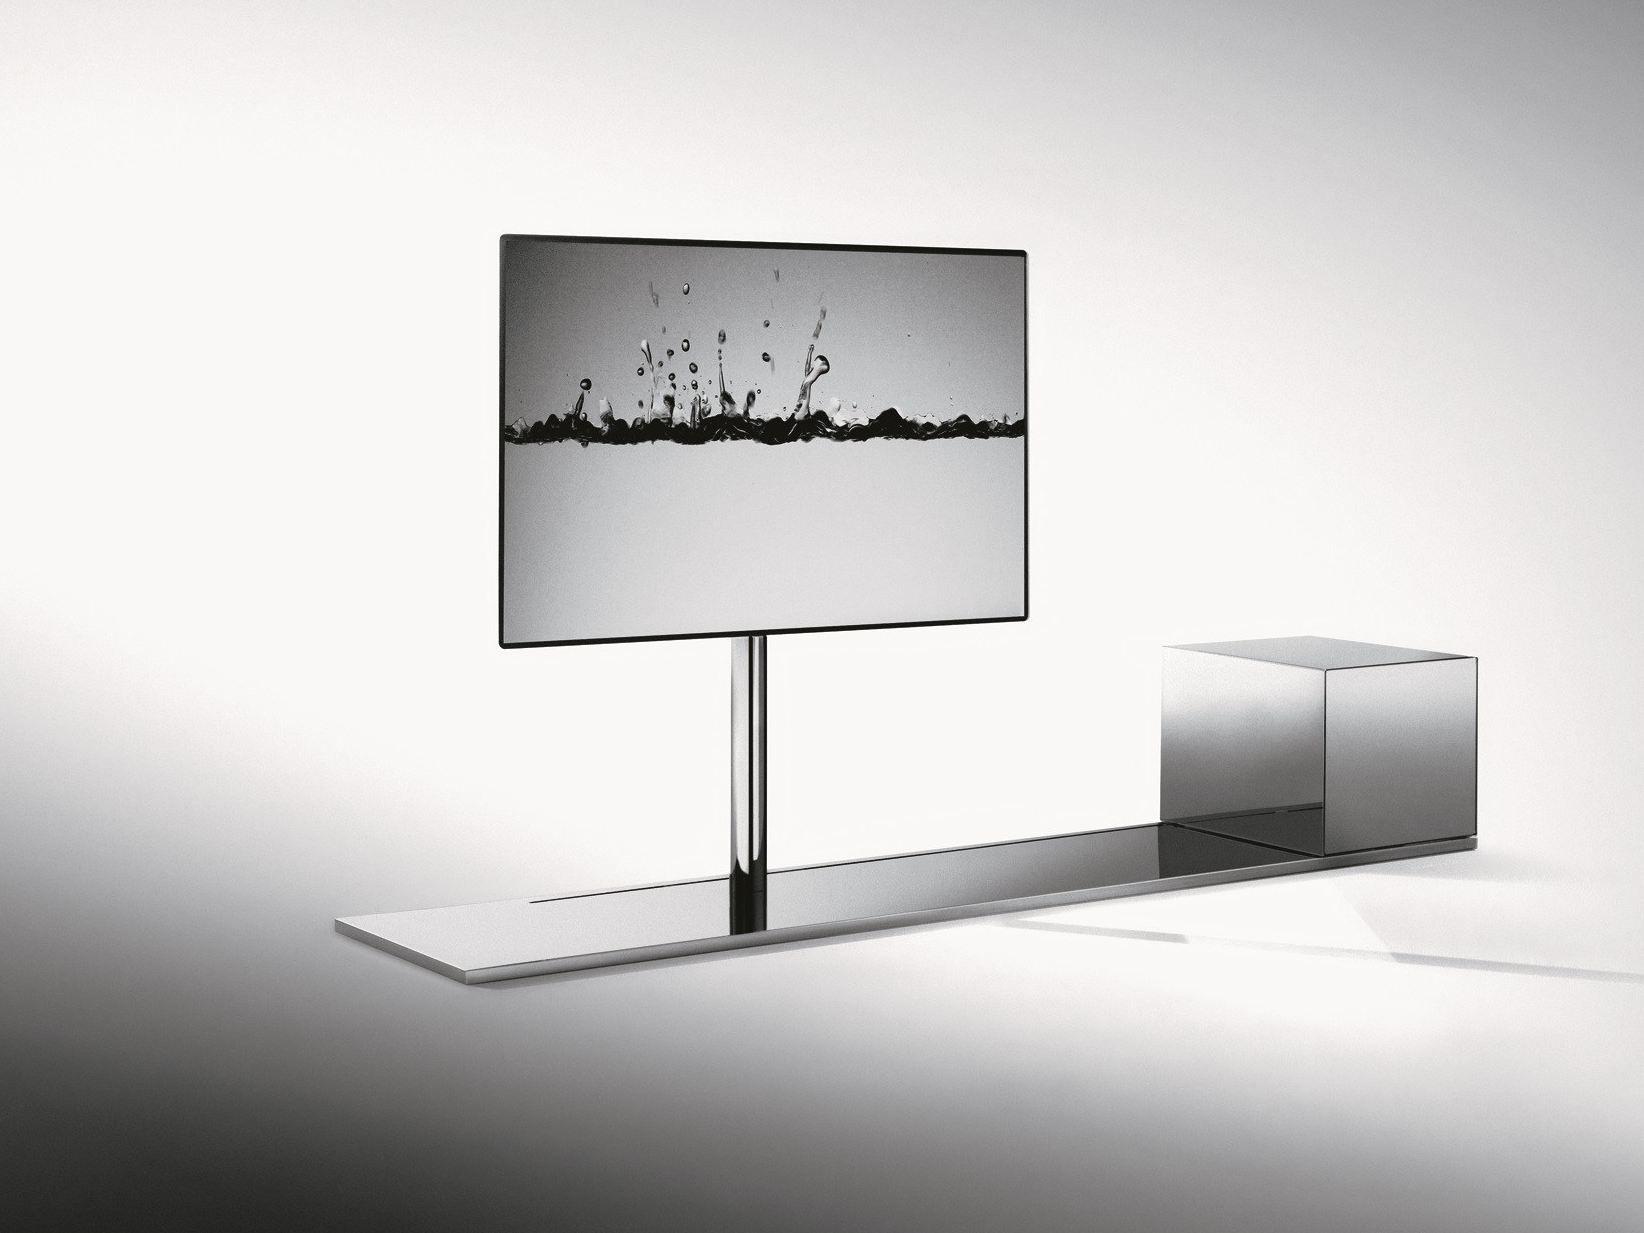 Desalto Porta Tv.Swivel Metal Tv Cabinet Sail 302 By Desalto Design Caronni